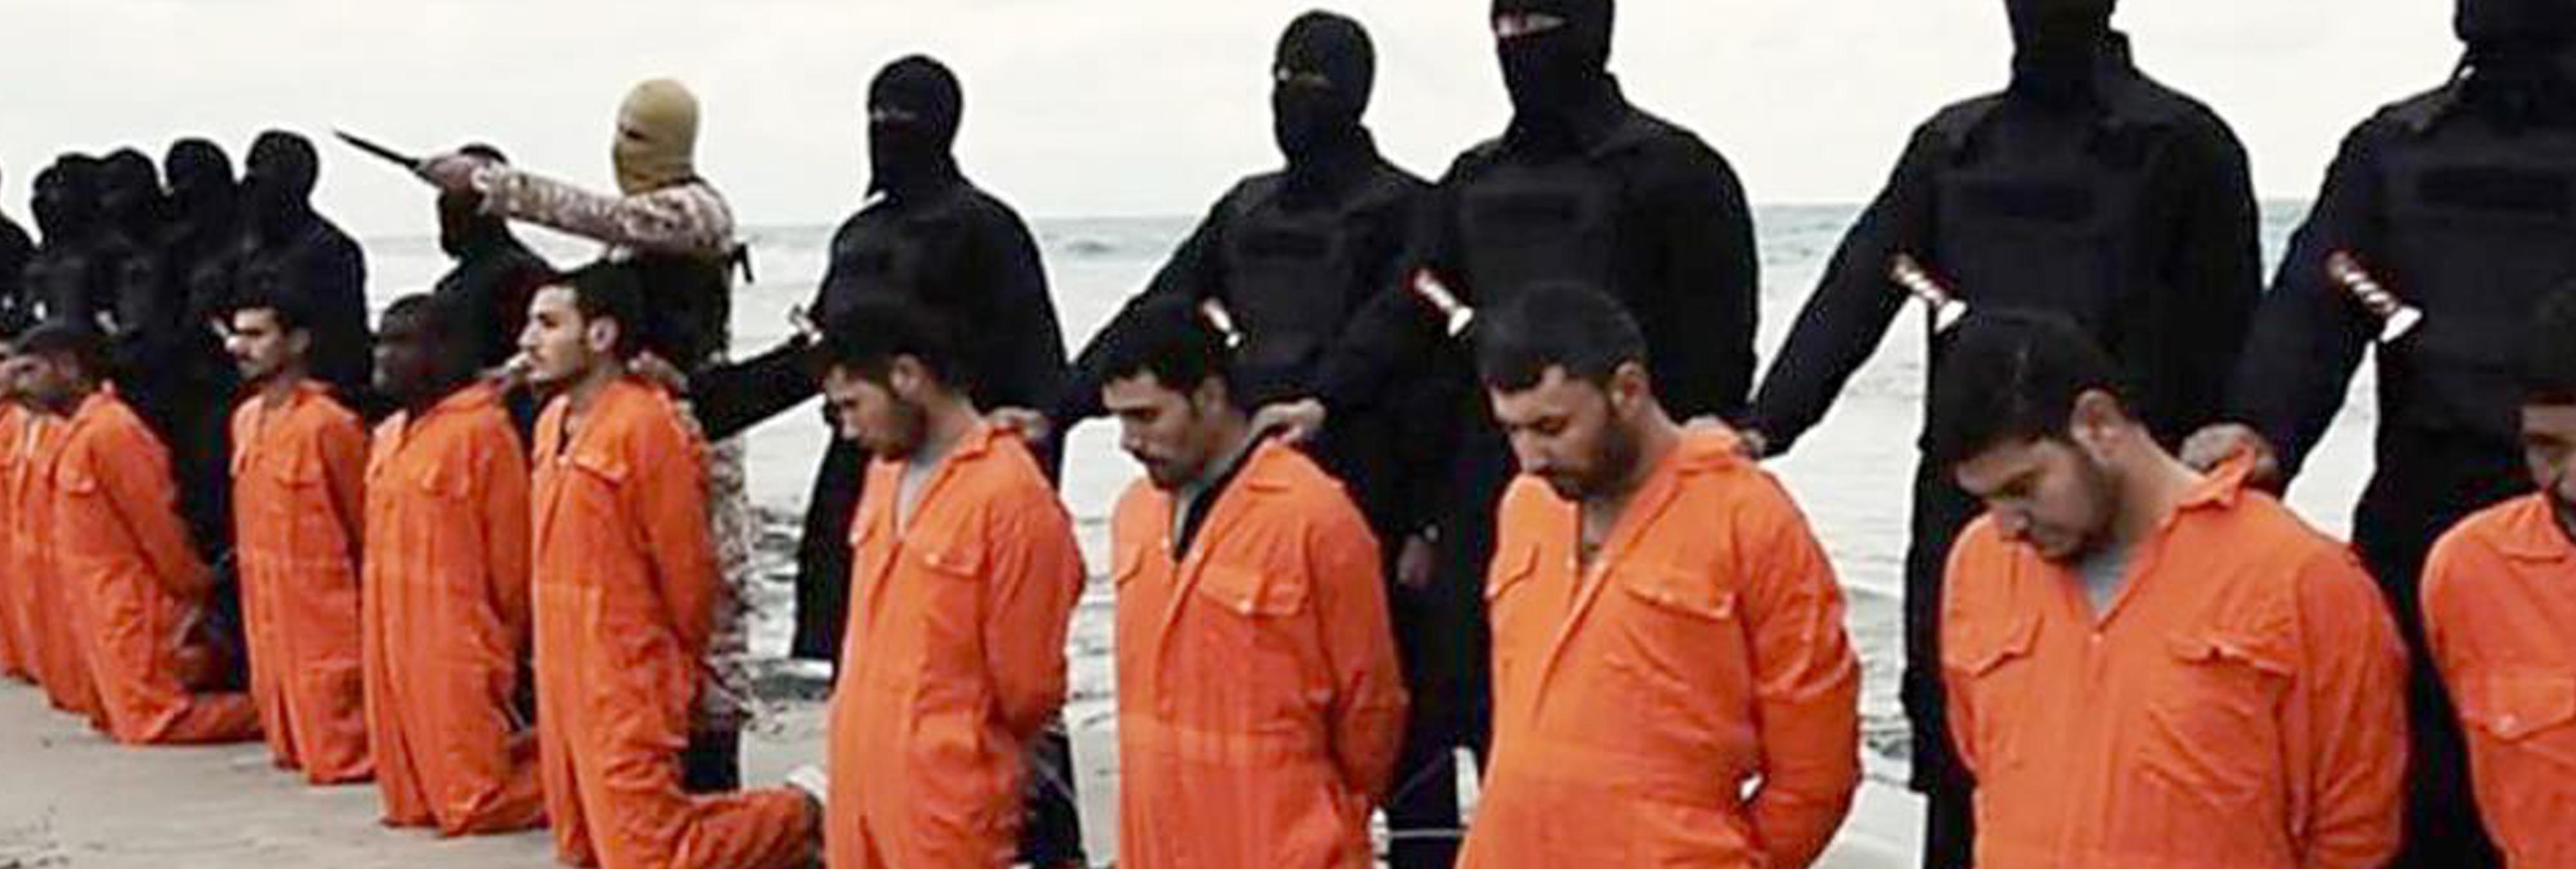 El Estado Islámico está ejecutando a personas por haber sido violadas por sus propios combatientes